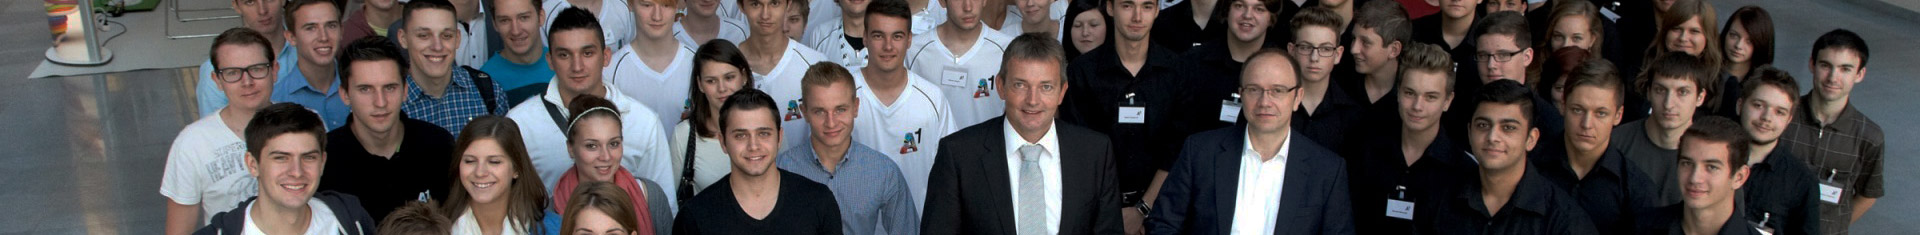 kleiner Bildausschnitt einer großen Gruppe aus Lehrlingen und Trainees; im Vordergrund stehen Marcus Grausam und Alexander Sperl